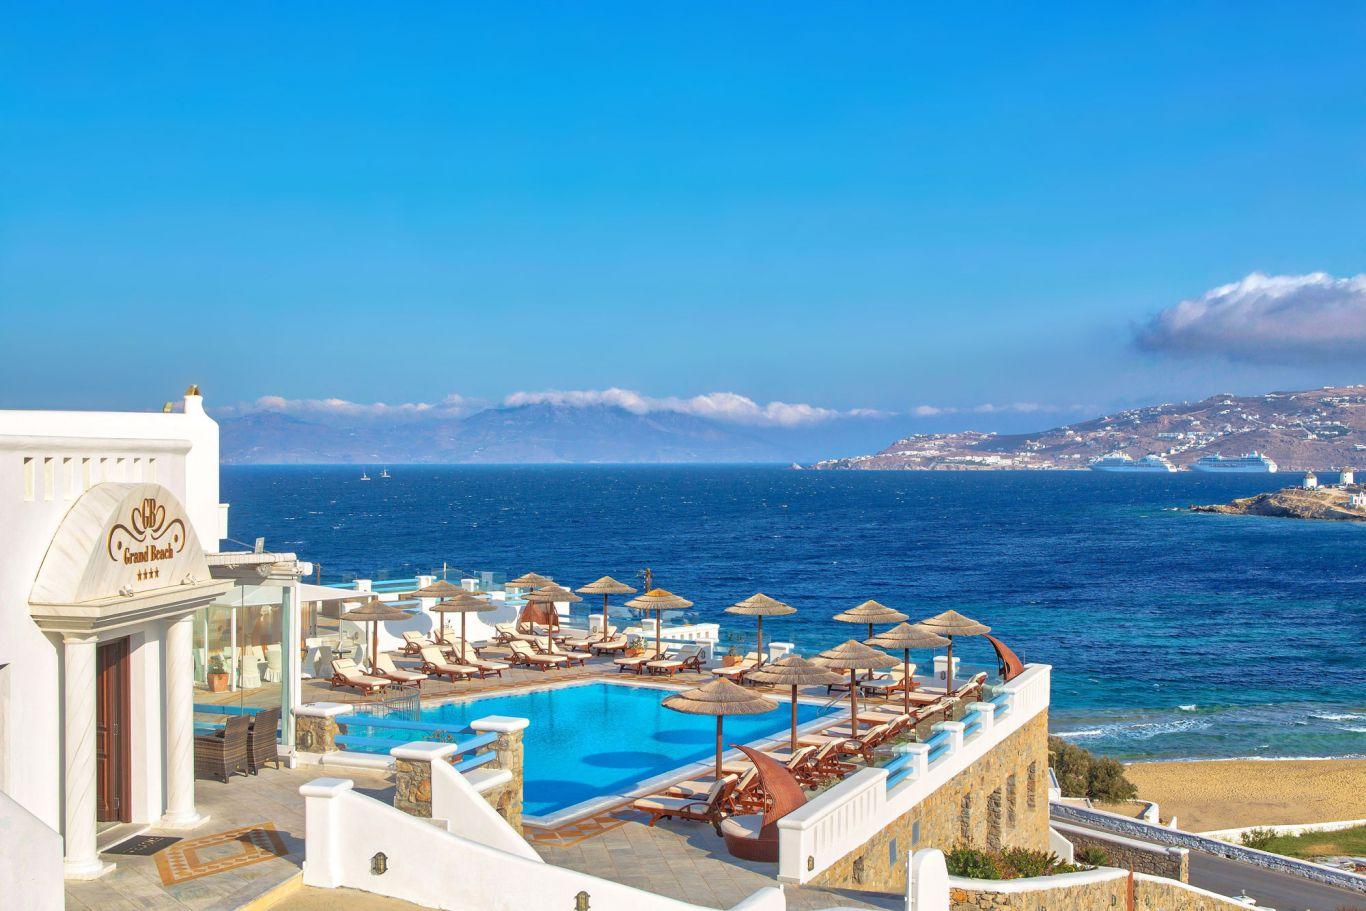 Geniet in dit heerlijke zwembad met uitzicht op zee